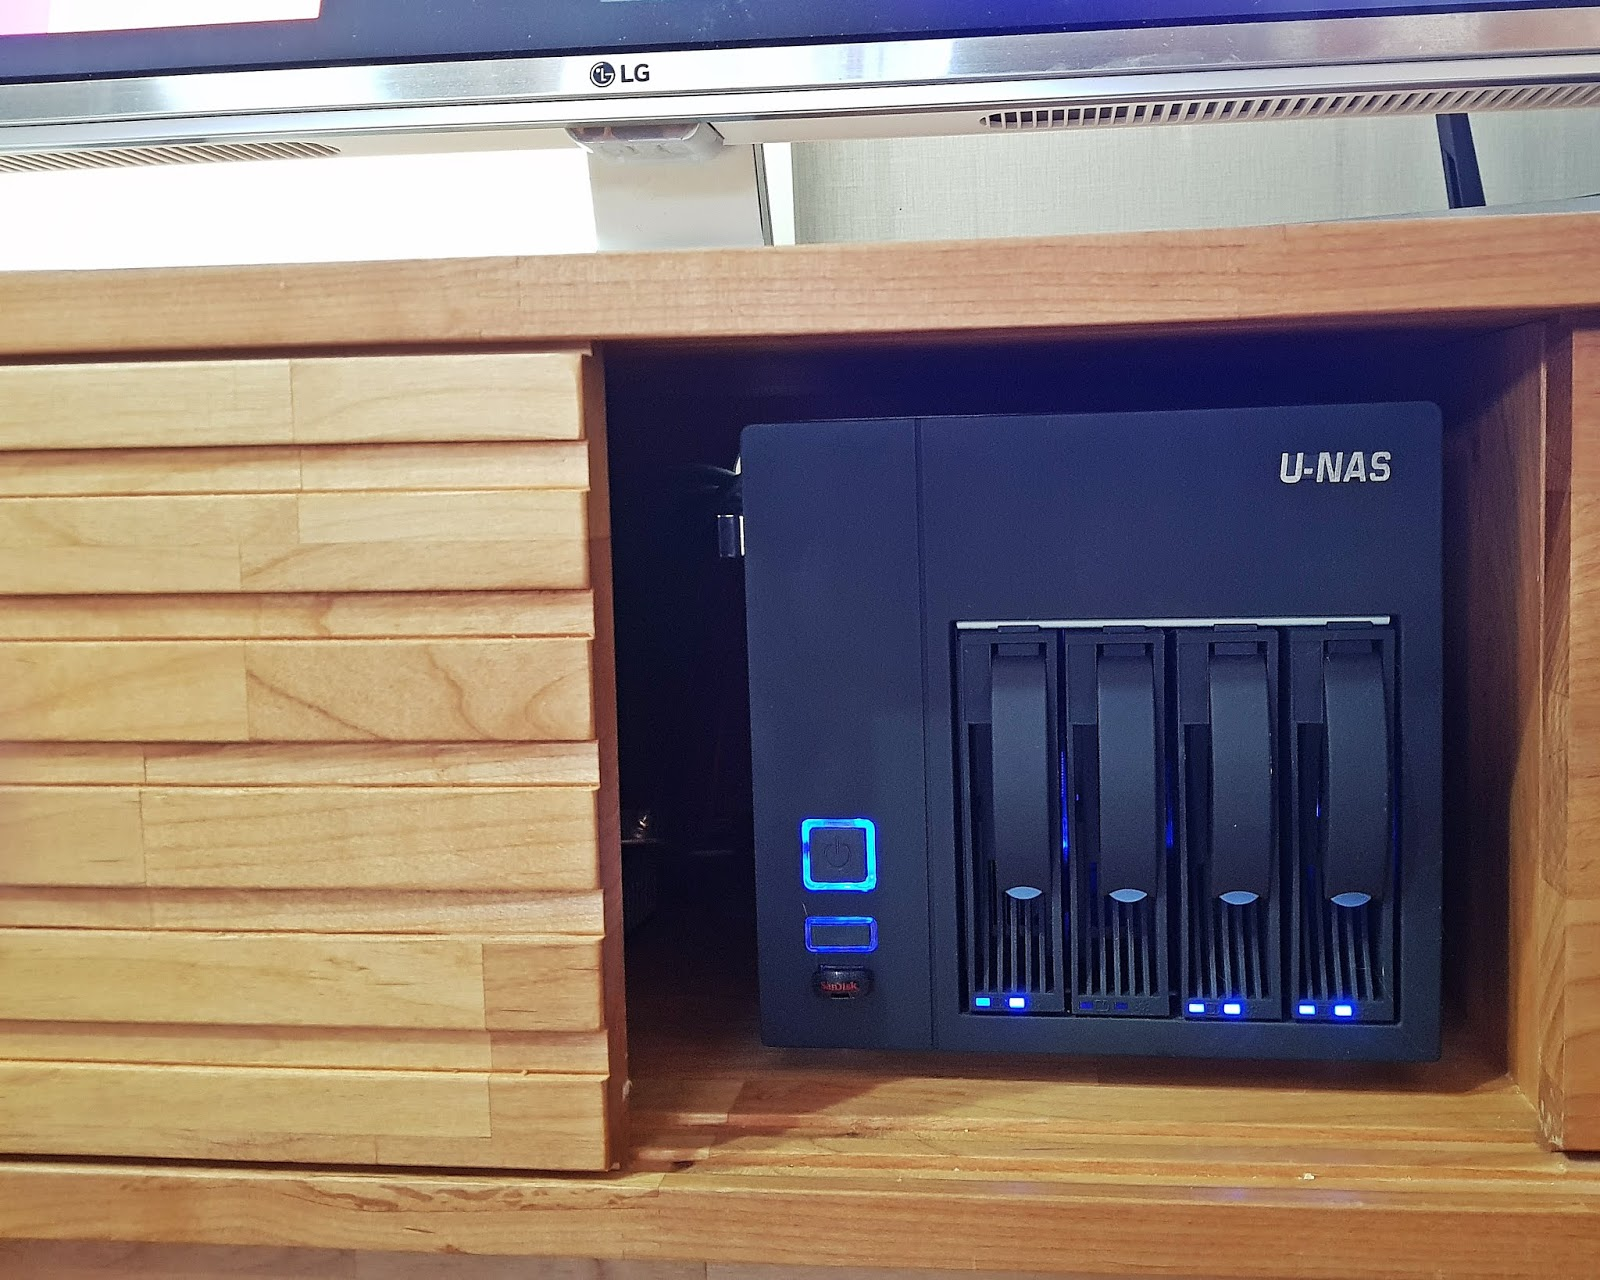 풀반지 블로그: J5005 자작 NAS 사용기 (Asrock J5005-ITX, U